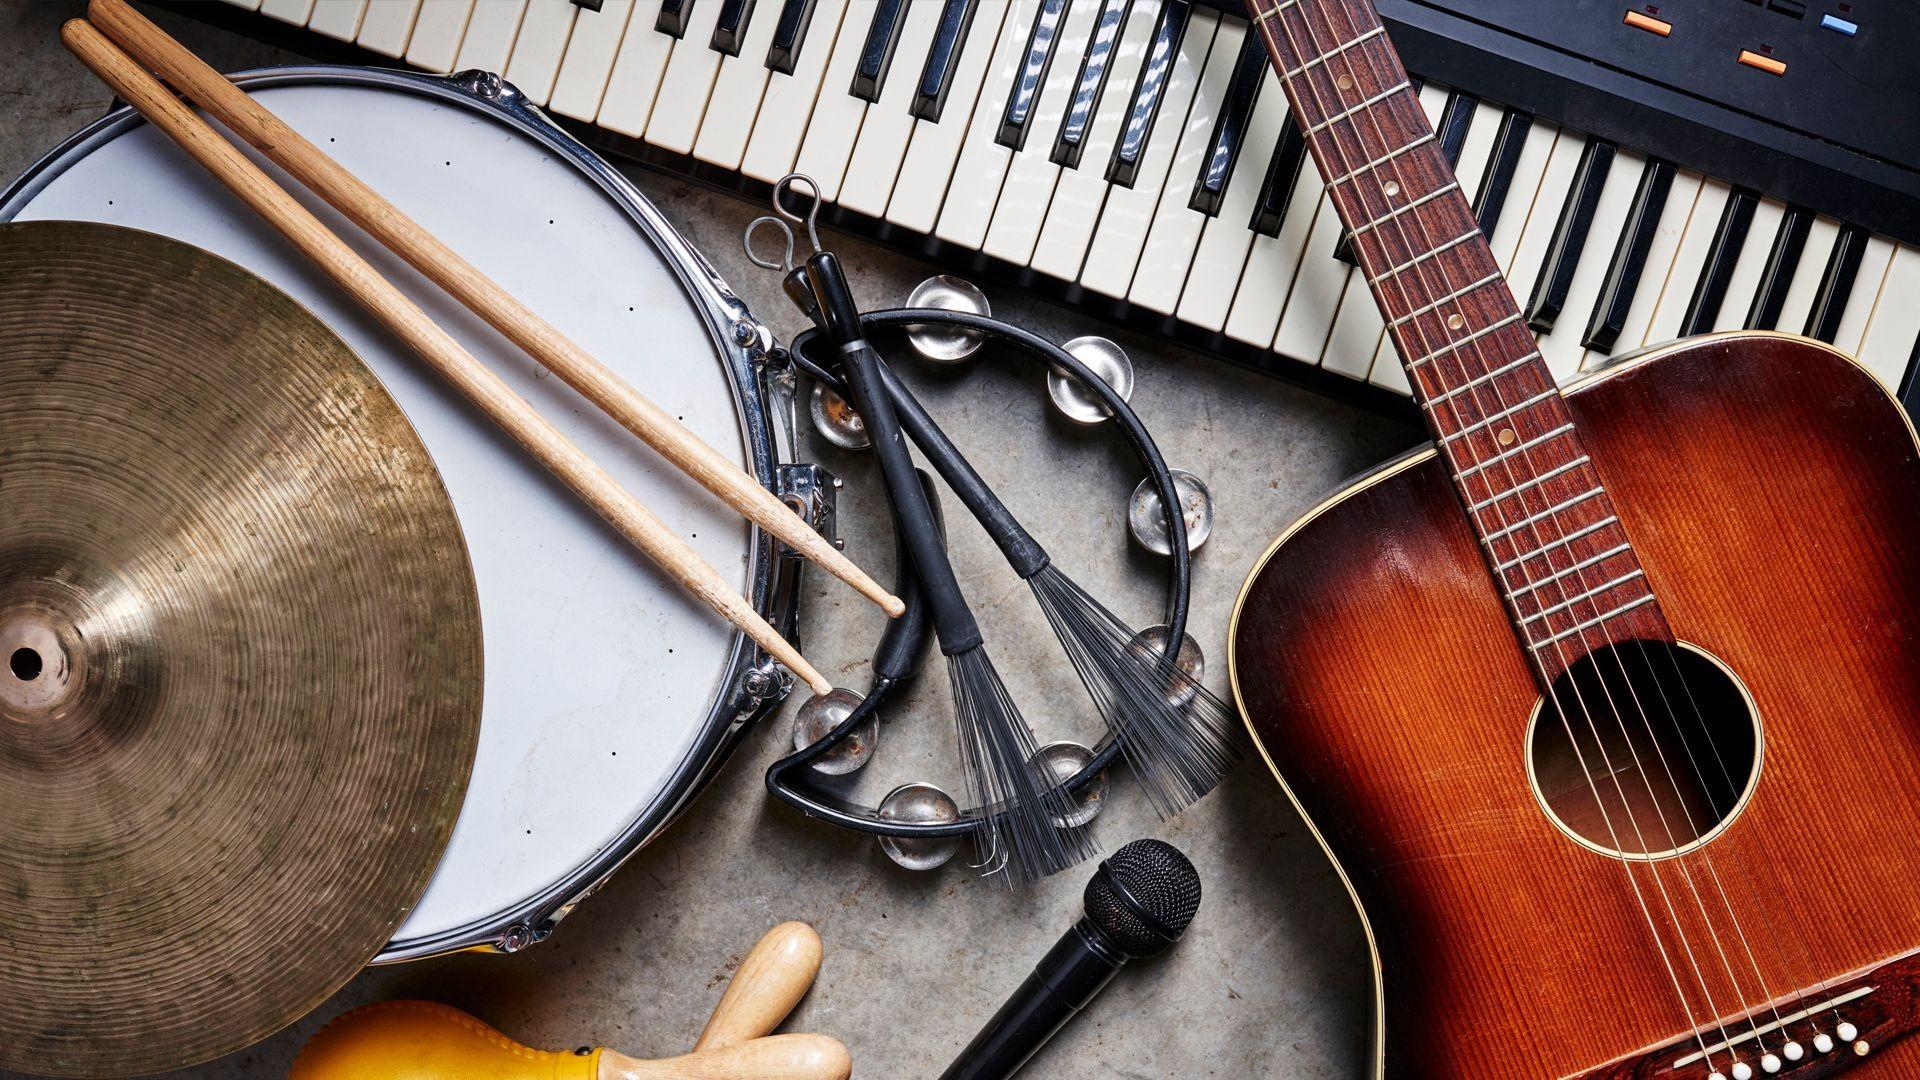 Venta de instrumentos en Miraflores de la Sierra